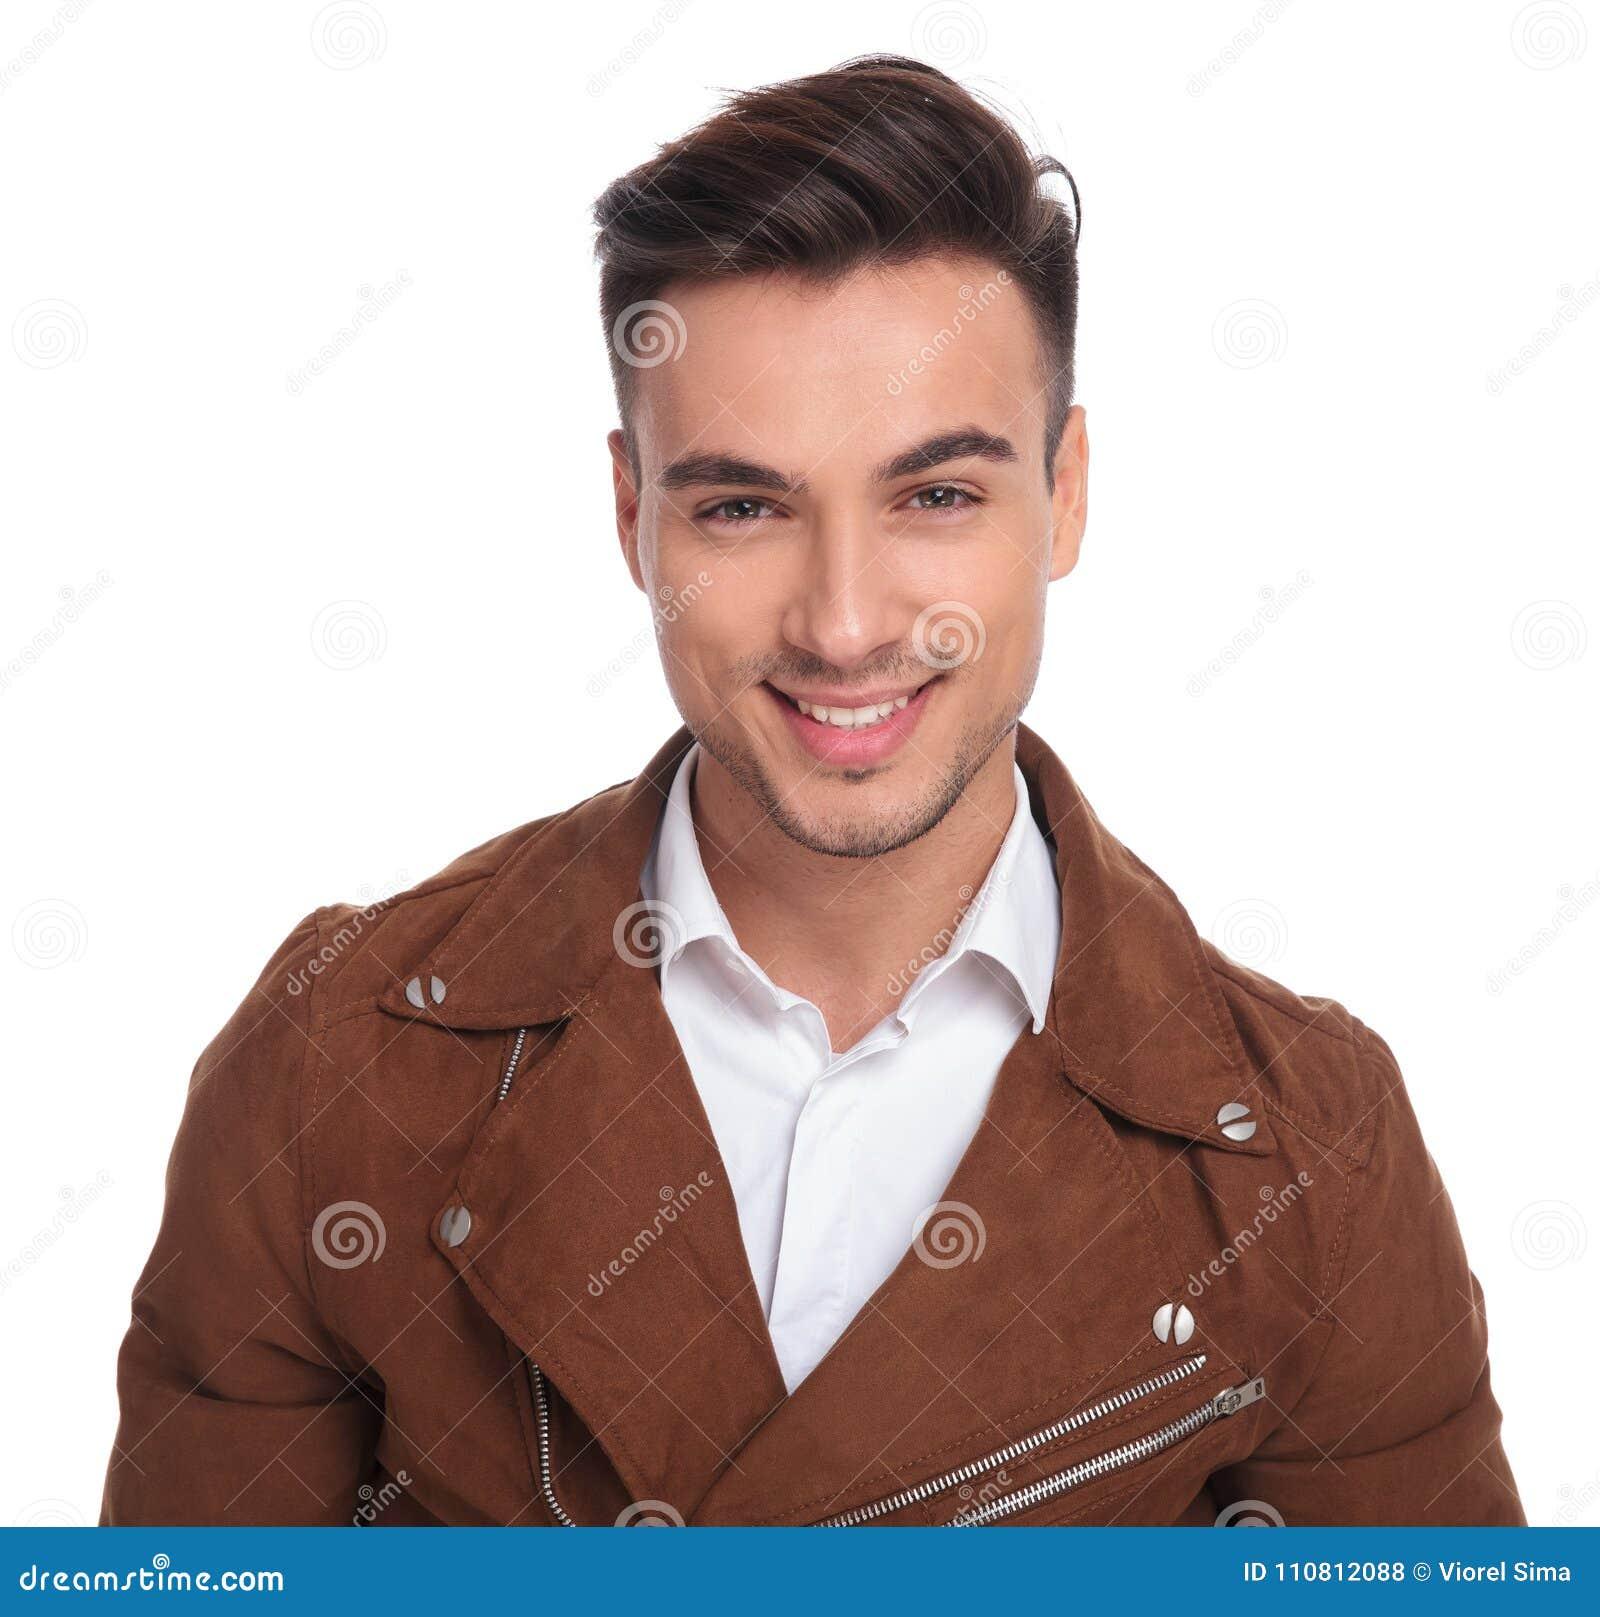 Retrato Chaqueta Un Cuero De Sonriente La Joven Hombre En Casual RrRUx8qwg